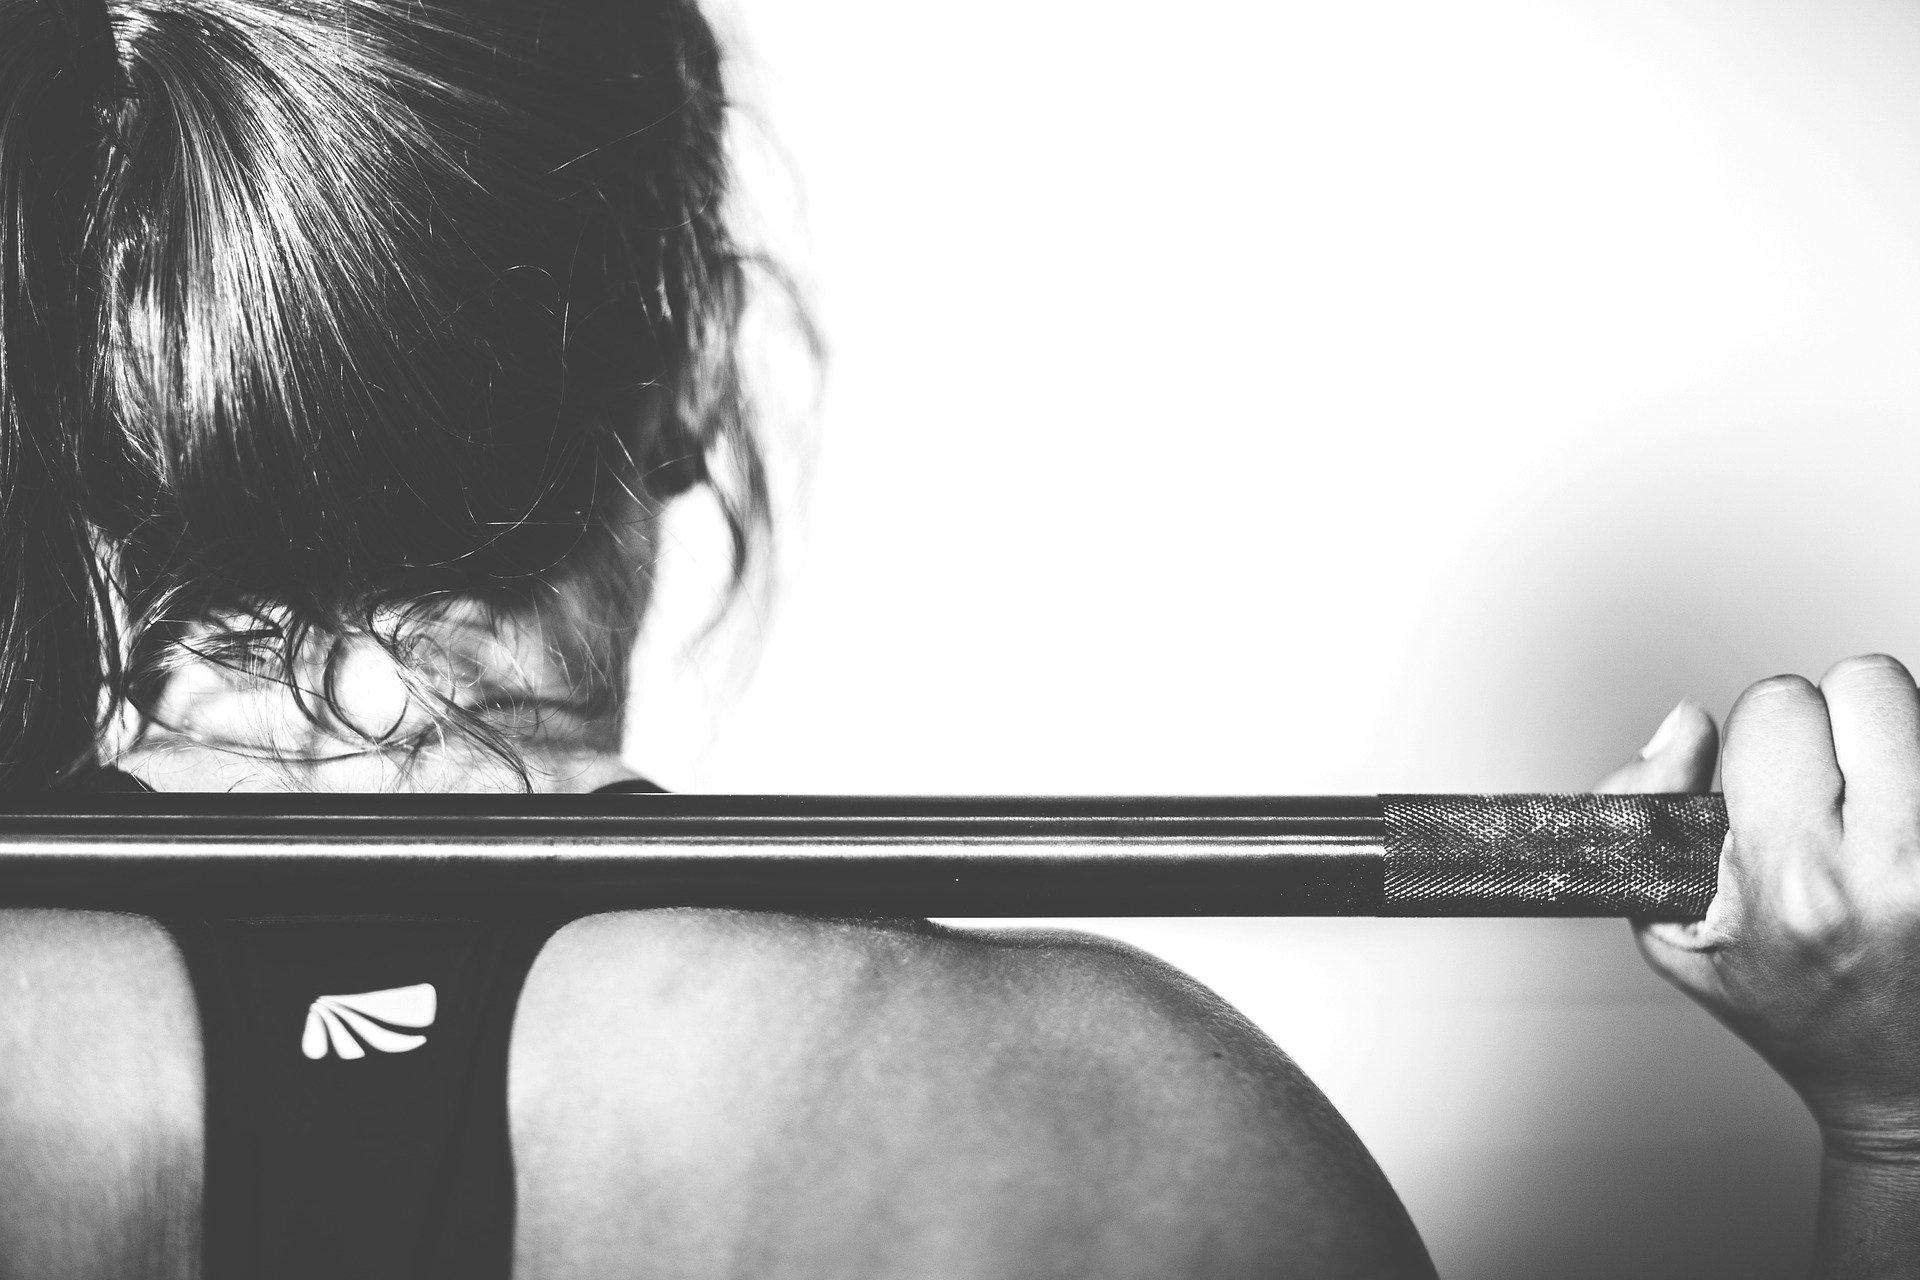 entrenamiento de fuerza en la mujer